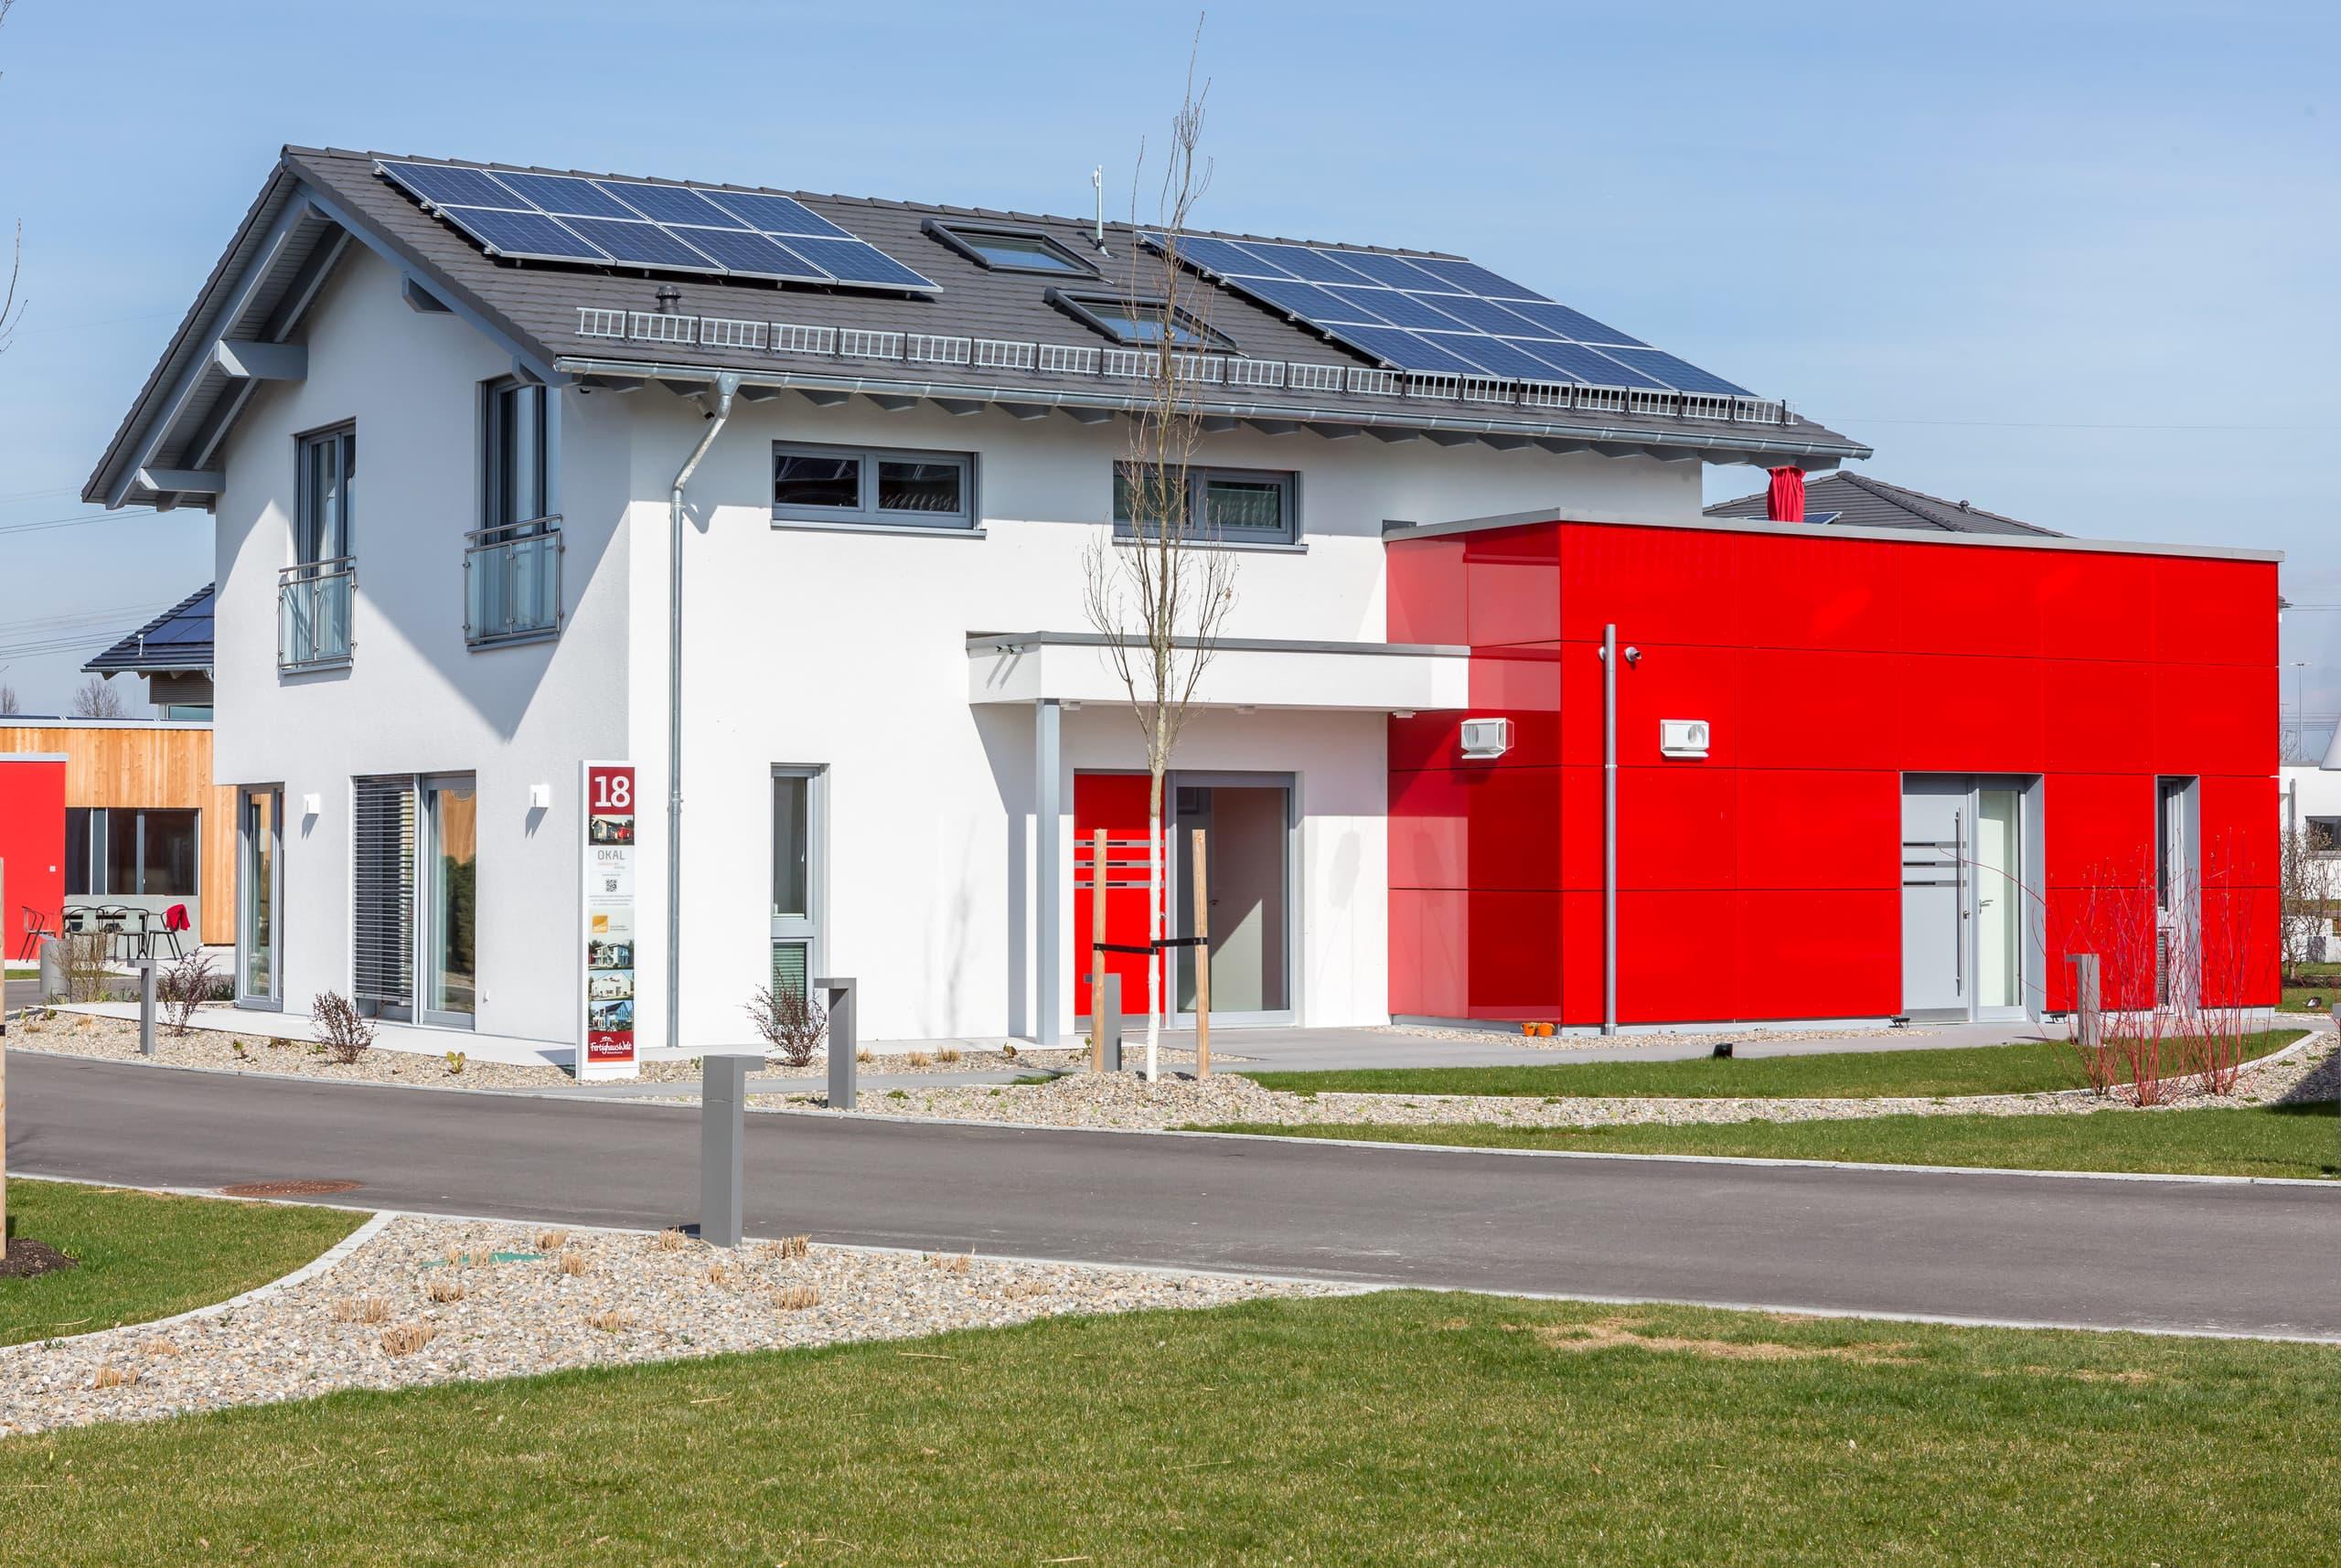 Gro z giges und modernes mehrgenerationenhaus von okal for Mehrgenerationenhaus berlin